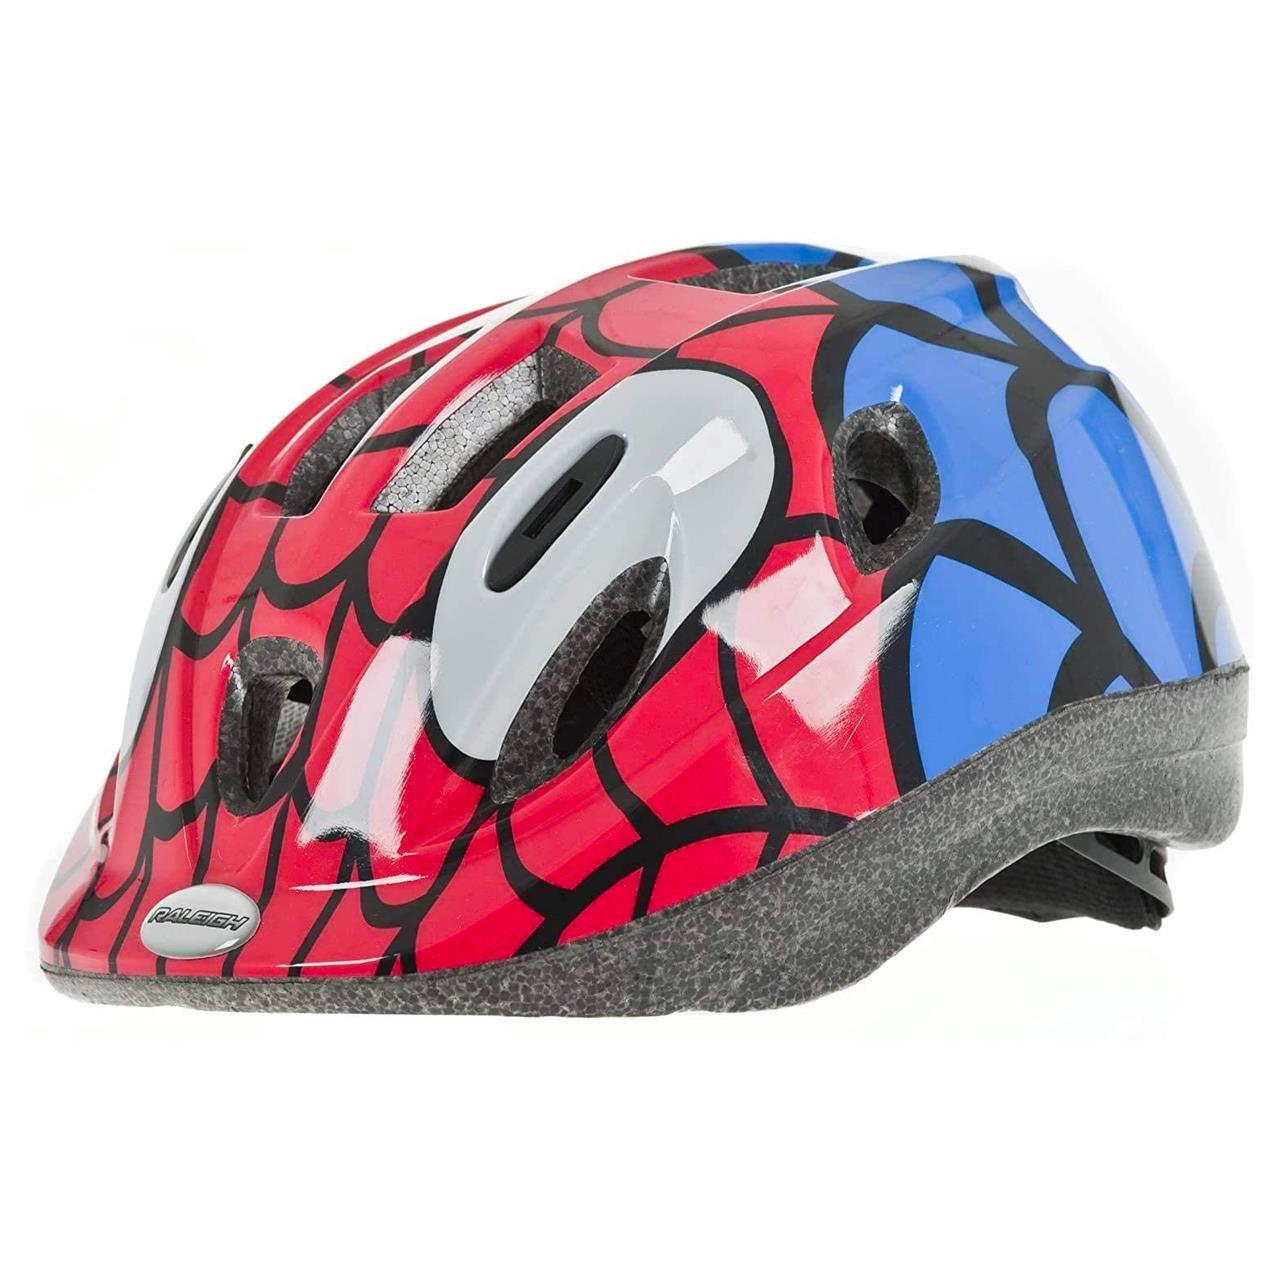 Raleigh Kids' Mystery Spiderman Cycle Helmet (52 - 56cm)